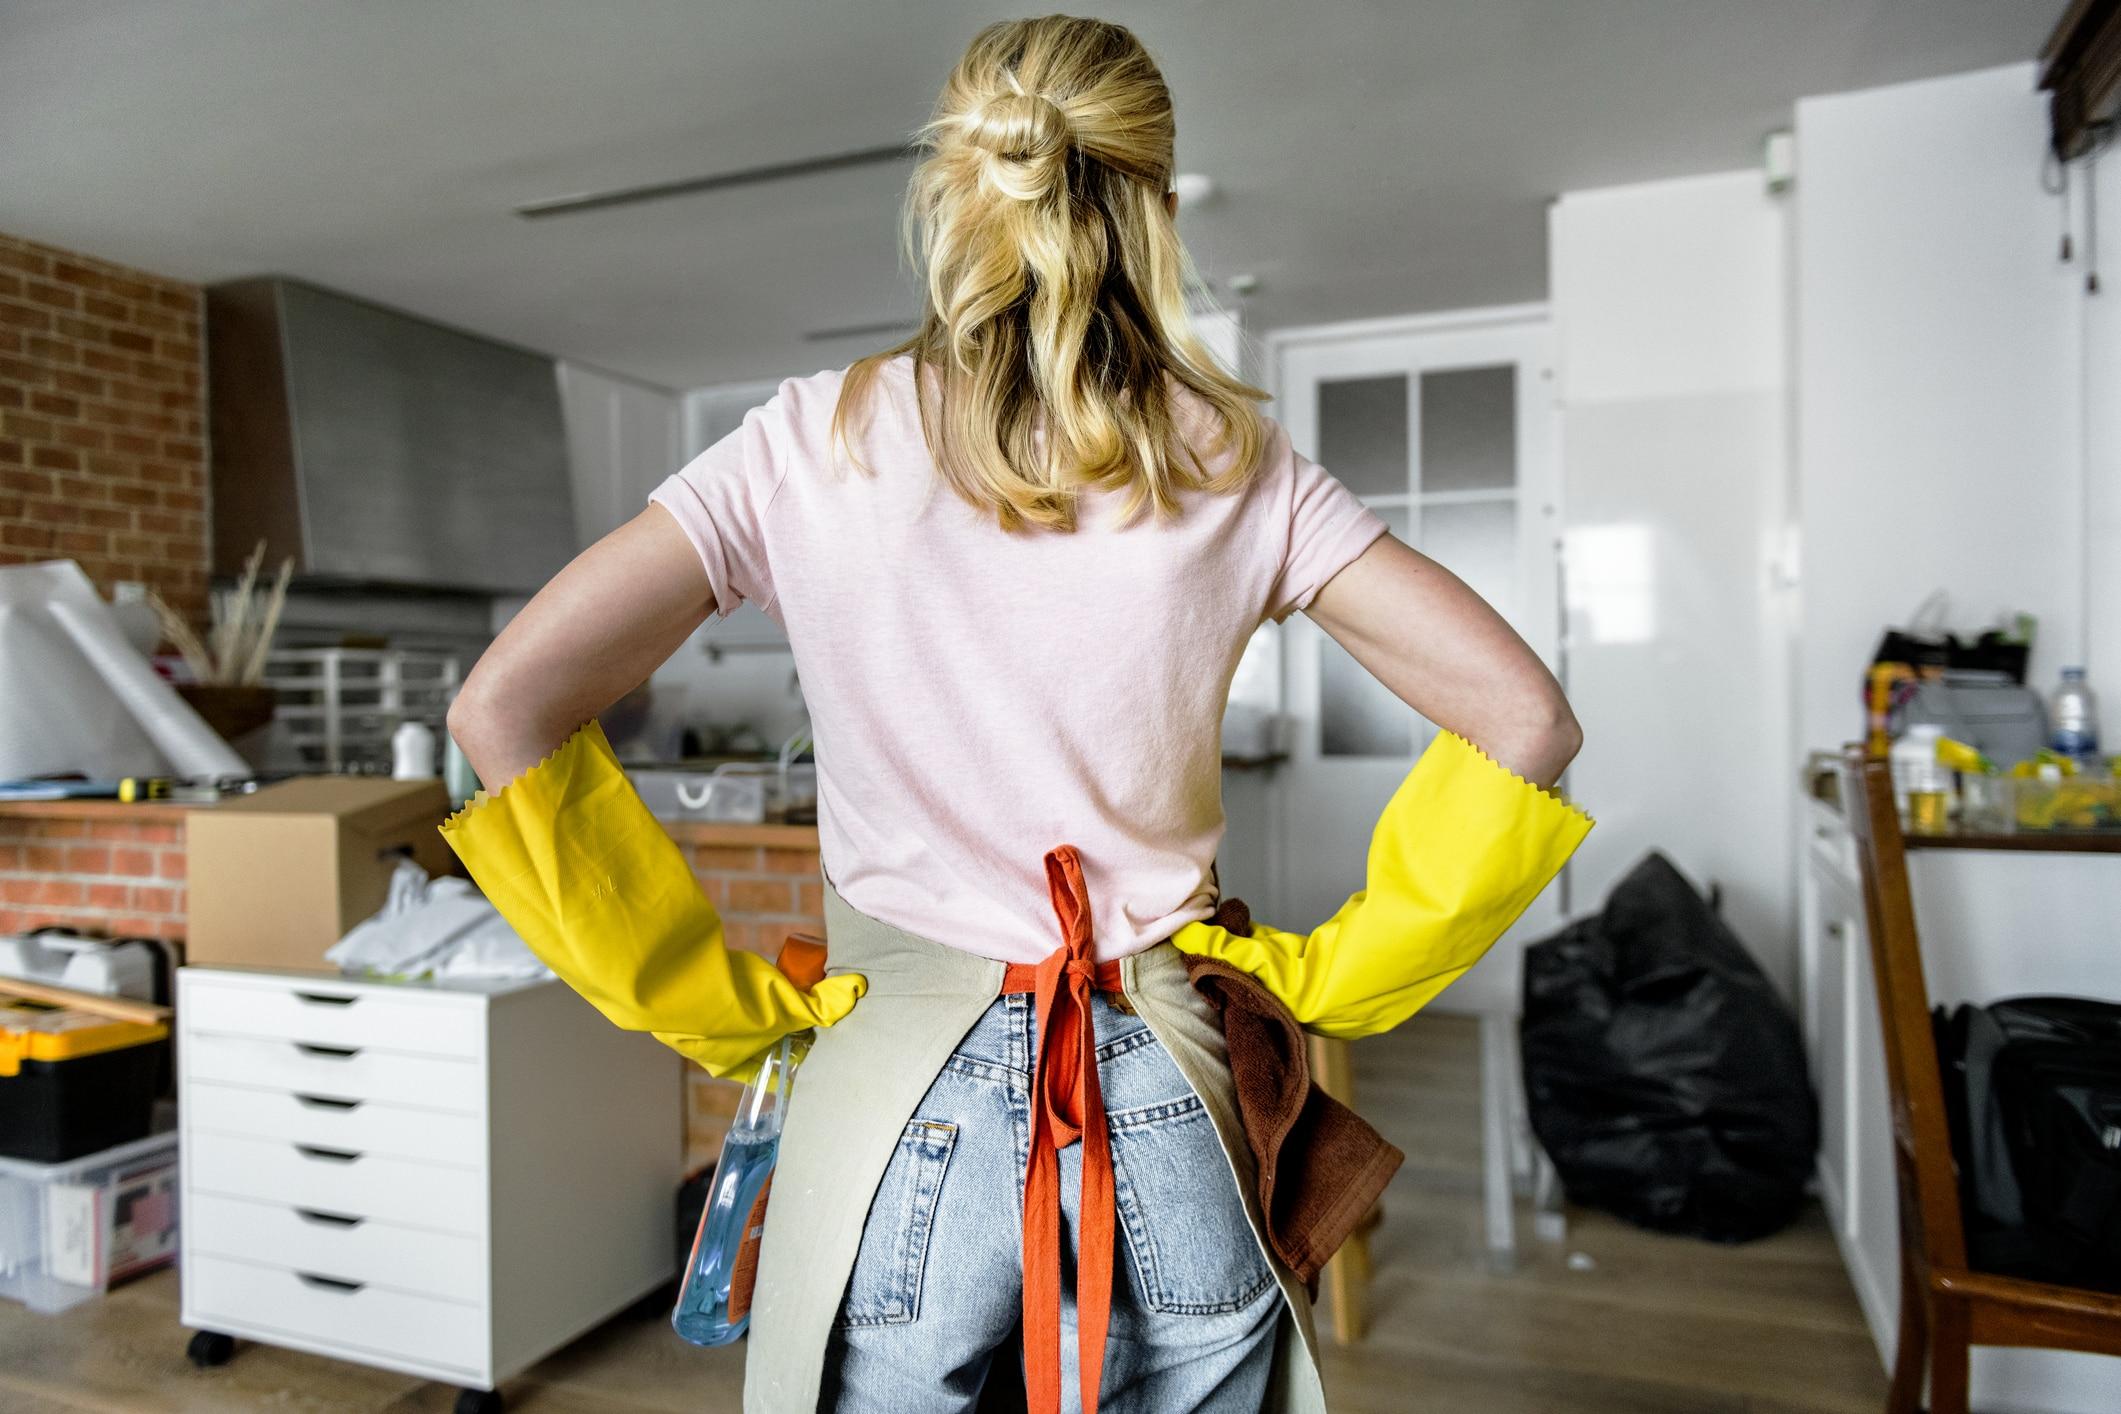 Mom doing household chores